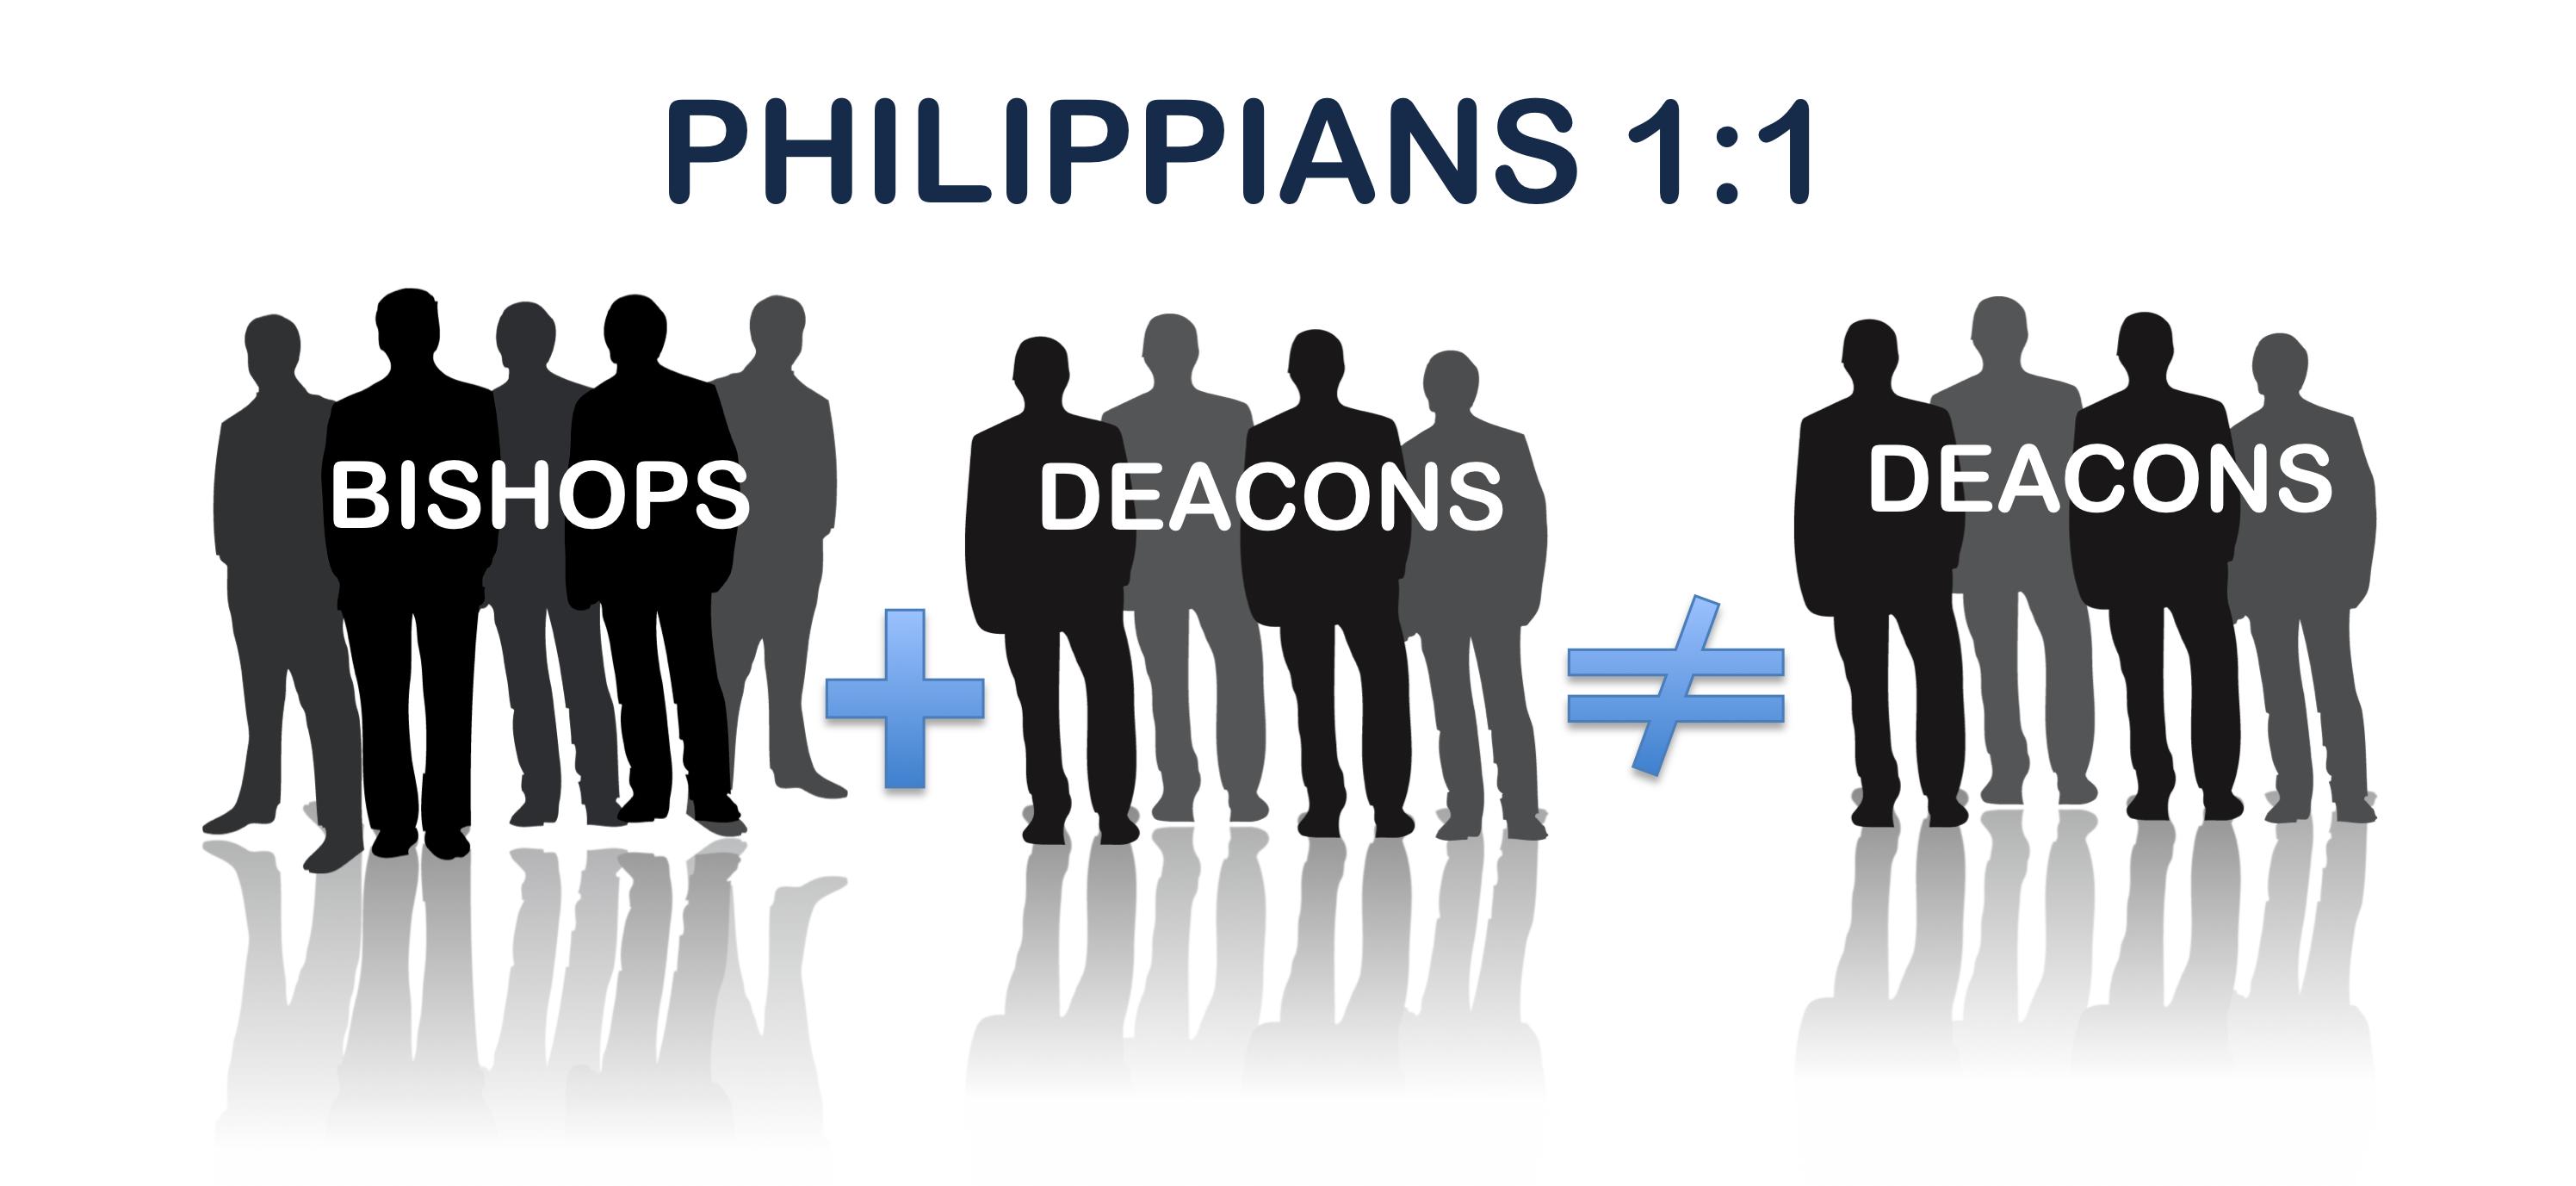 Philippians 1:1 illustration.